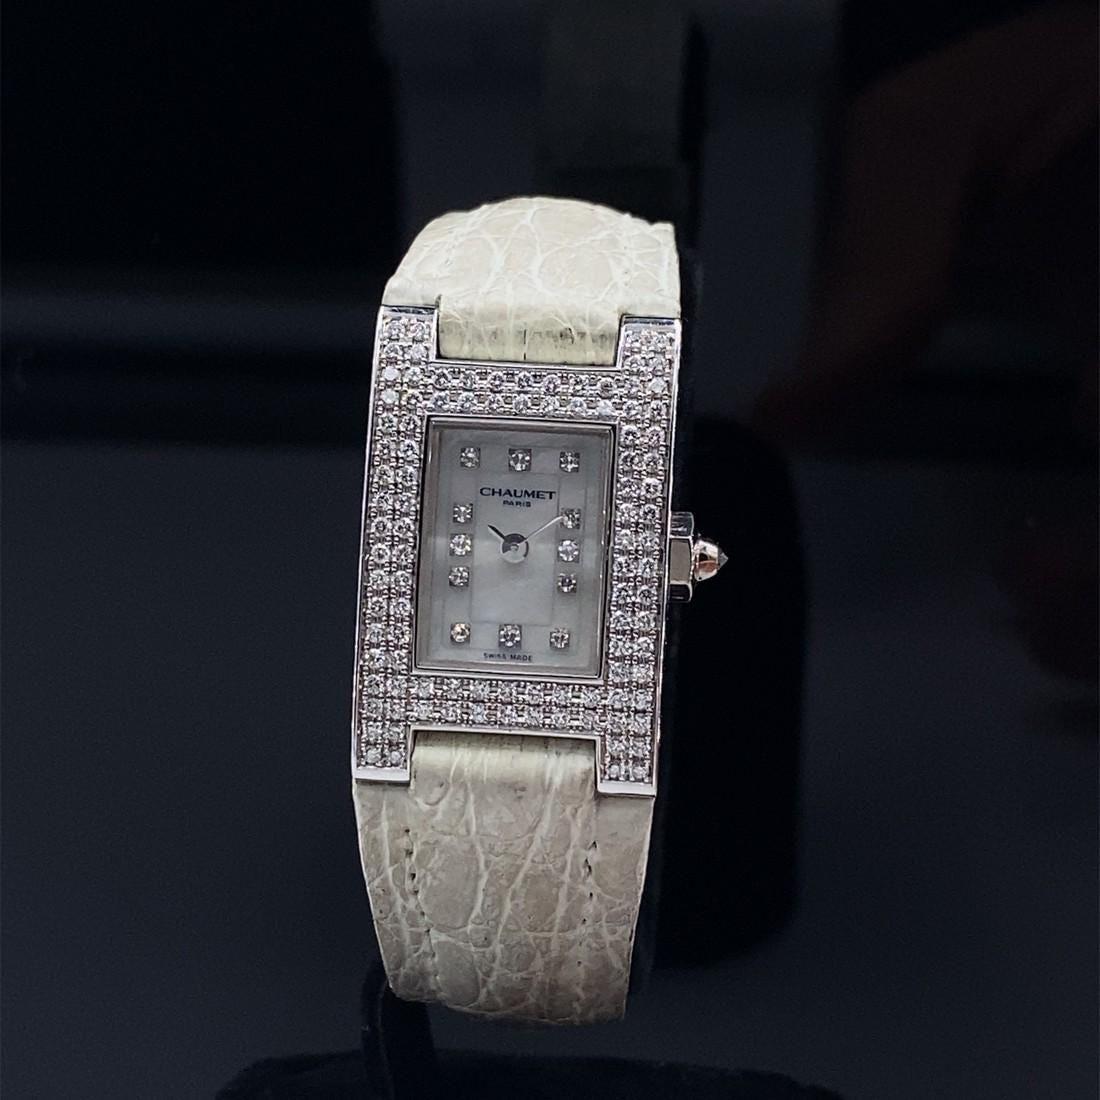 Chaumet Paris 18k Diamonds Quartz Watch